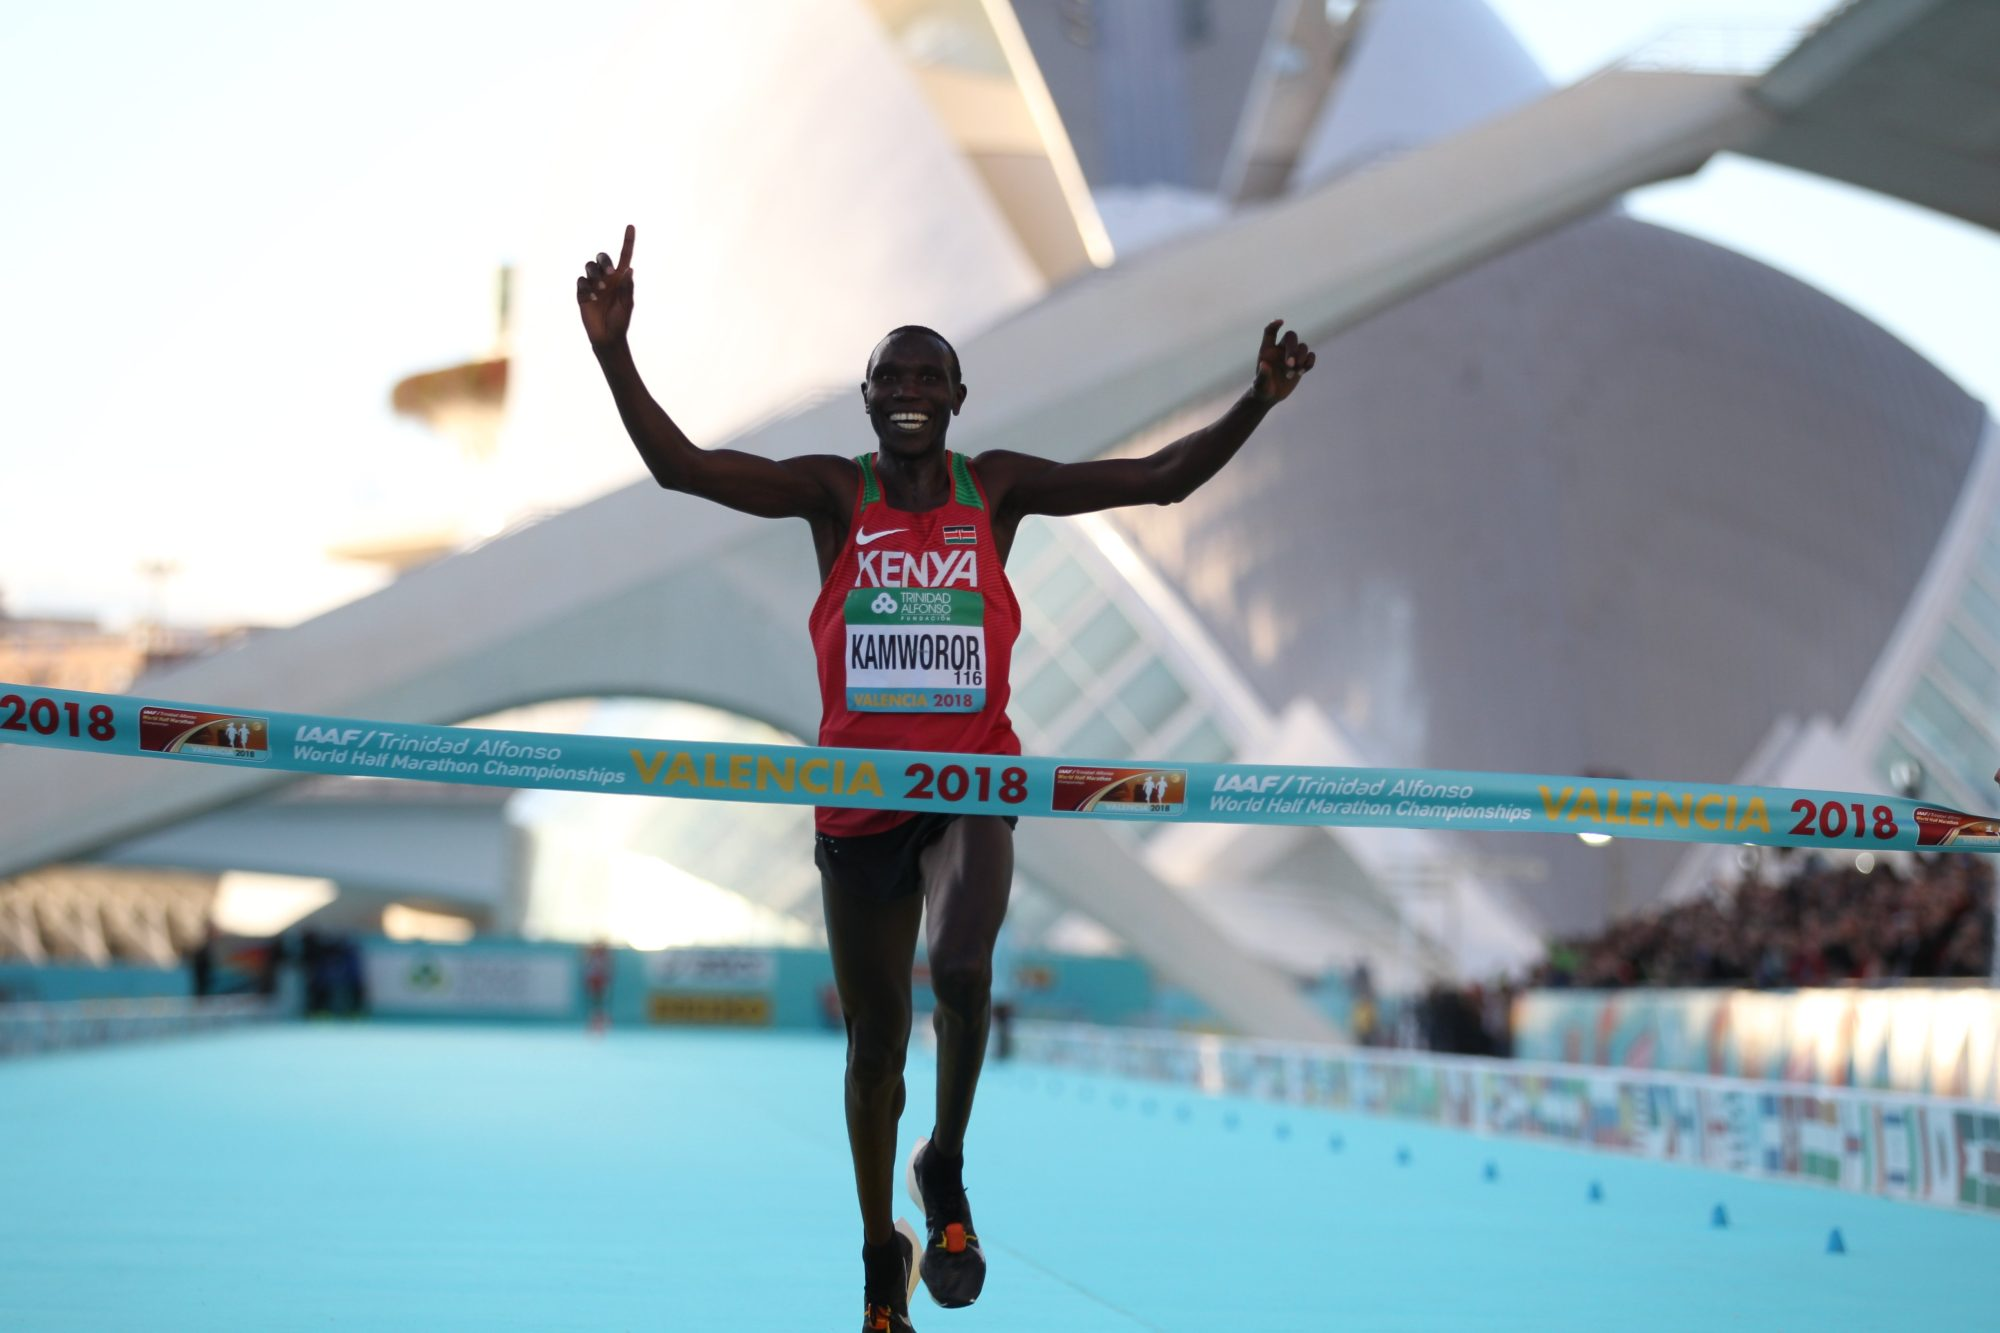 Kenya's Geoffrey Kamworor winning men's race at the IAAF World Half Marathon Valencia 2018 / Photo credit: IAAF.